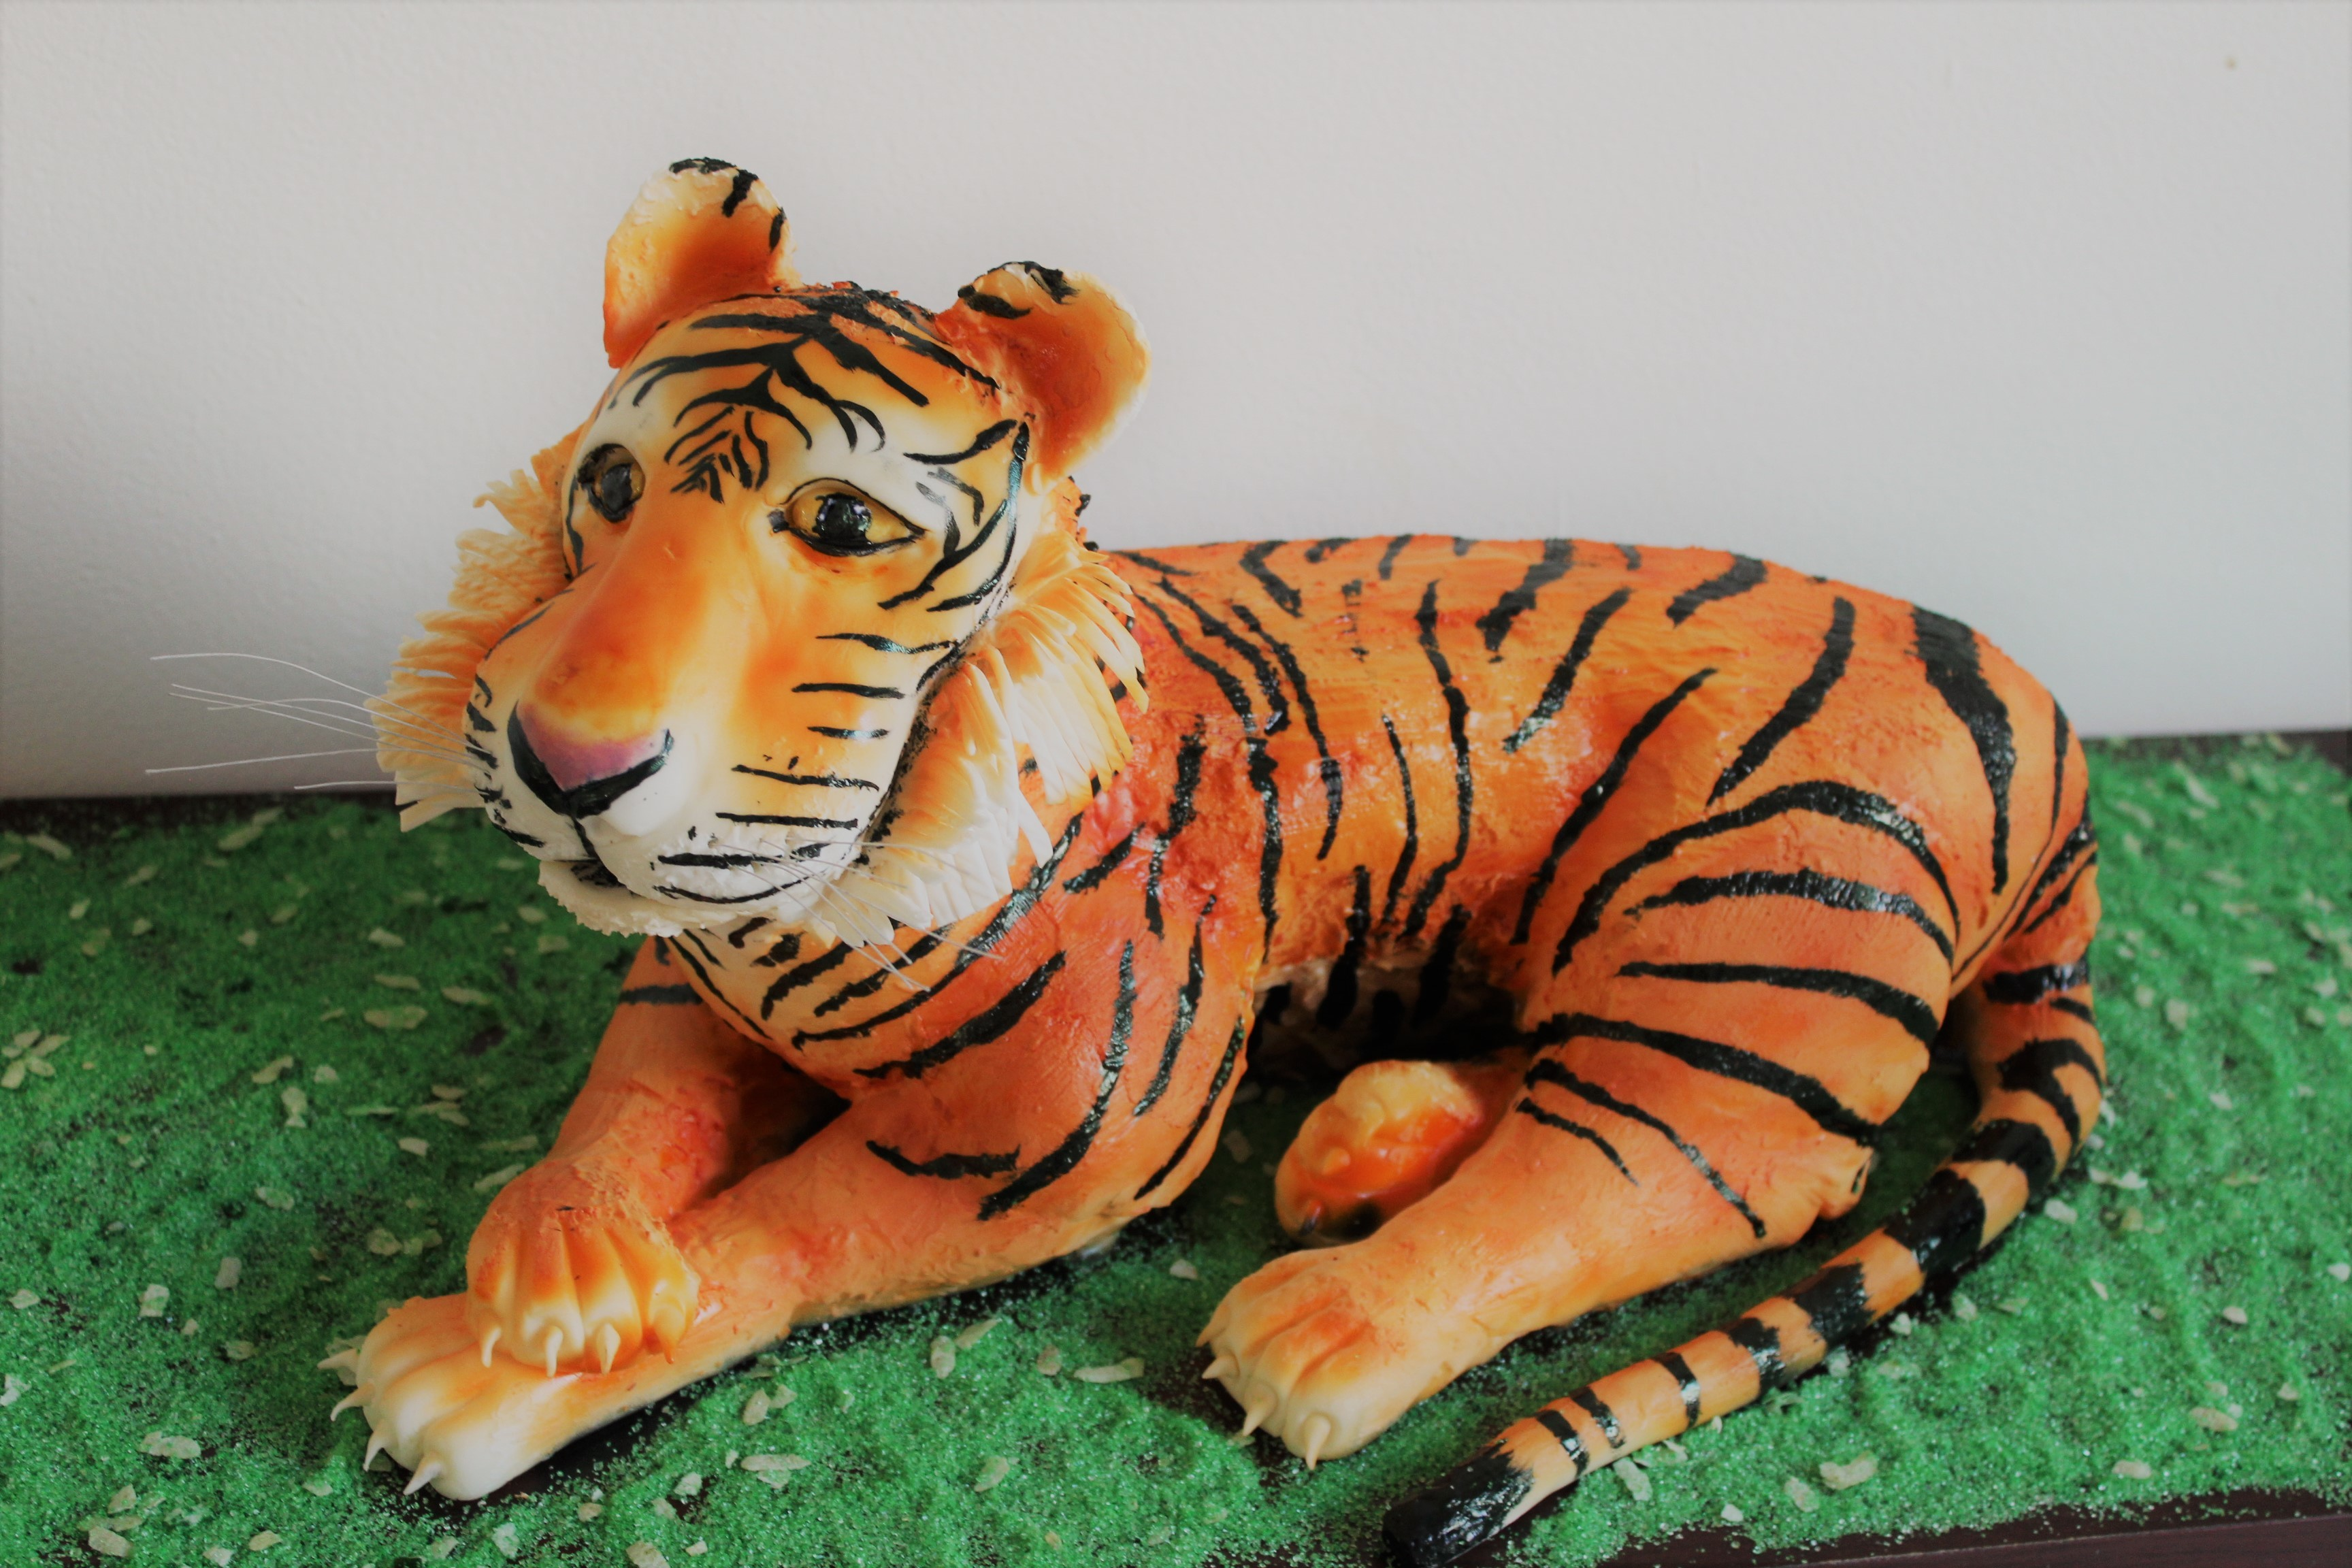 Animal-Rights-SARIKA-HIRAVE-sarikas-cake-creations-TIGER.jpg#asset:13735